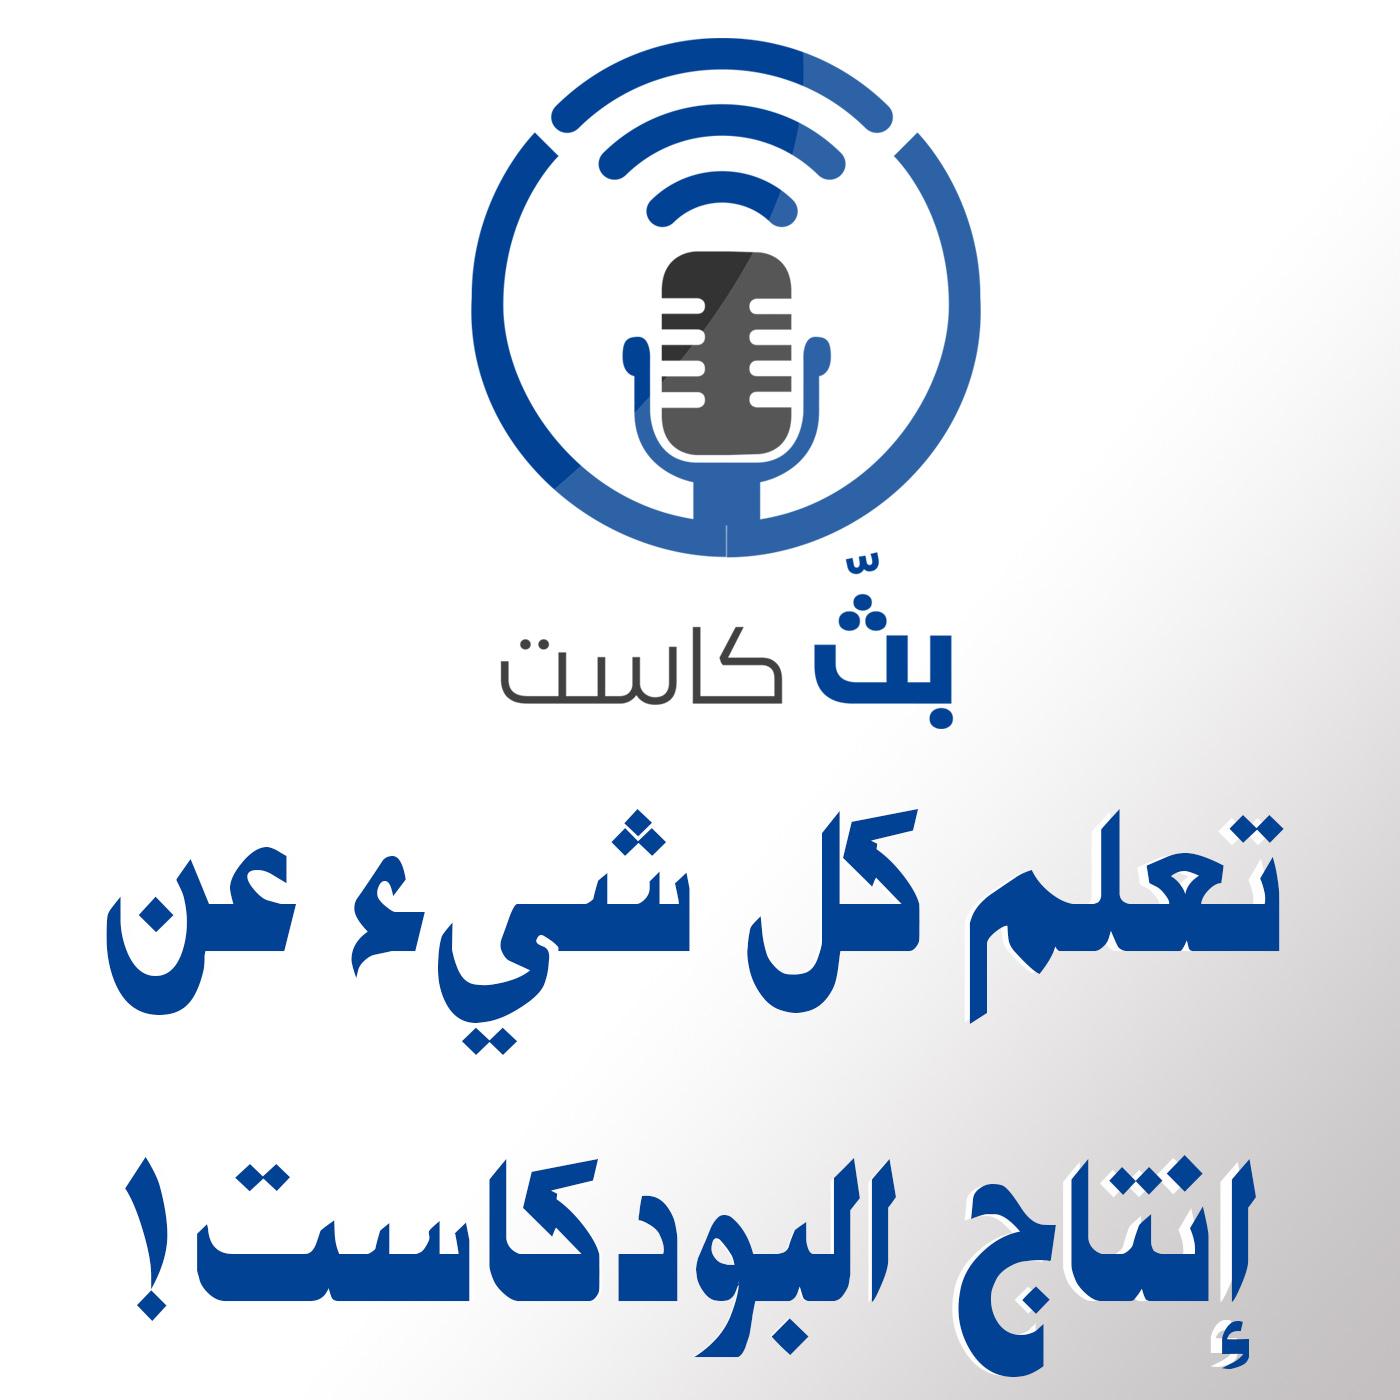 بثّ كاست | بودكاست عربي يعلمك إنتاج البودكاست